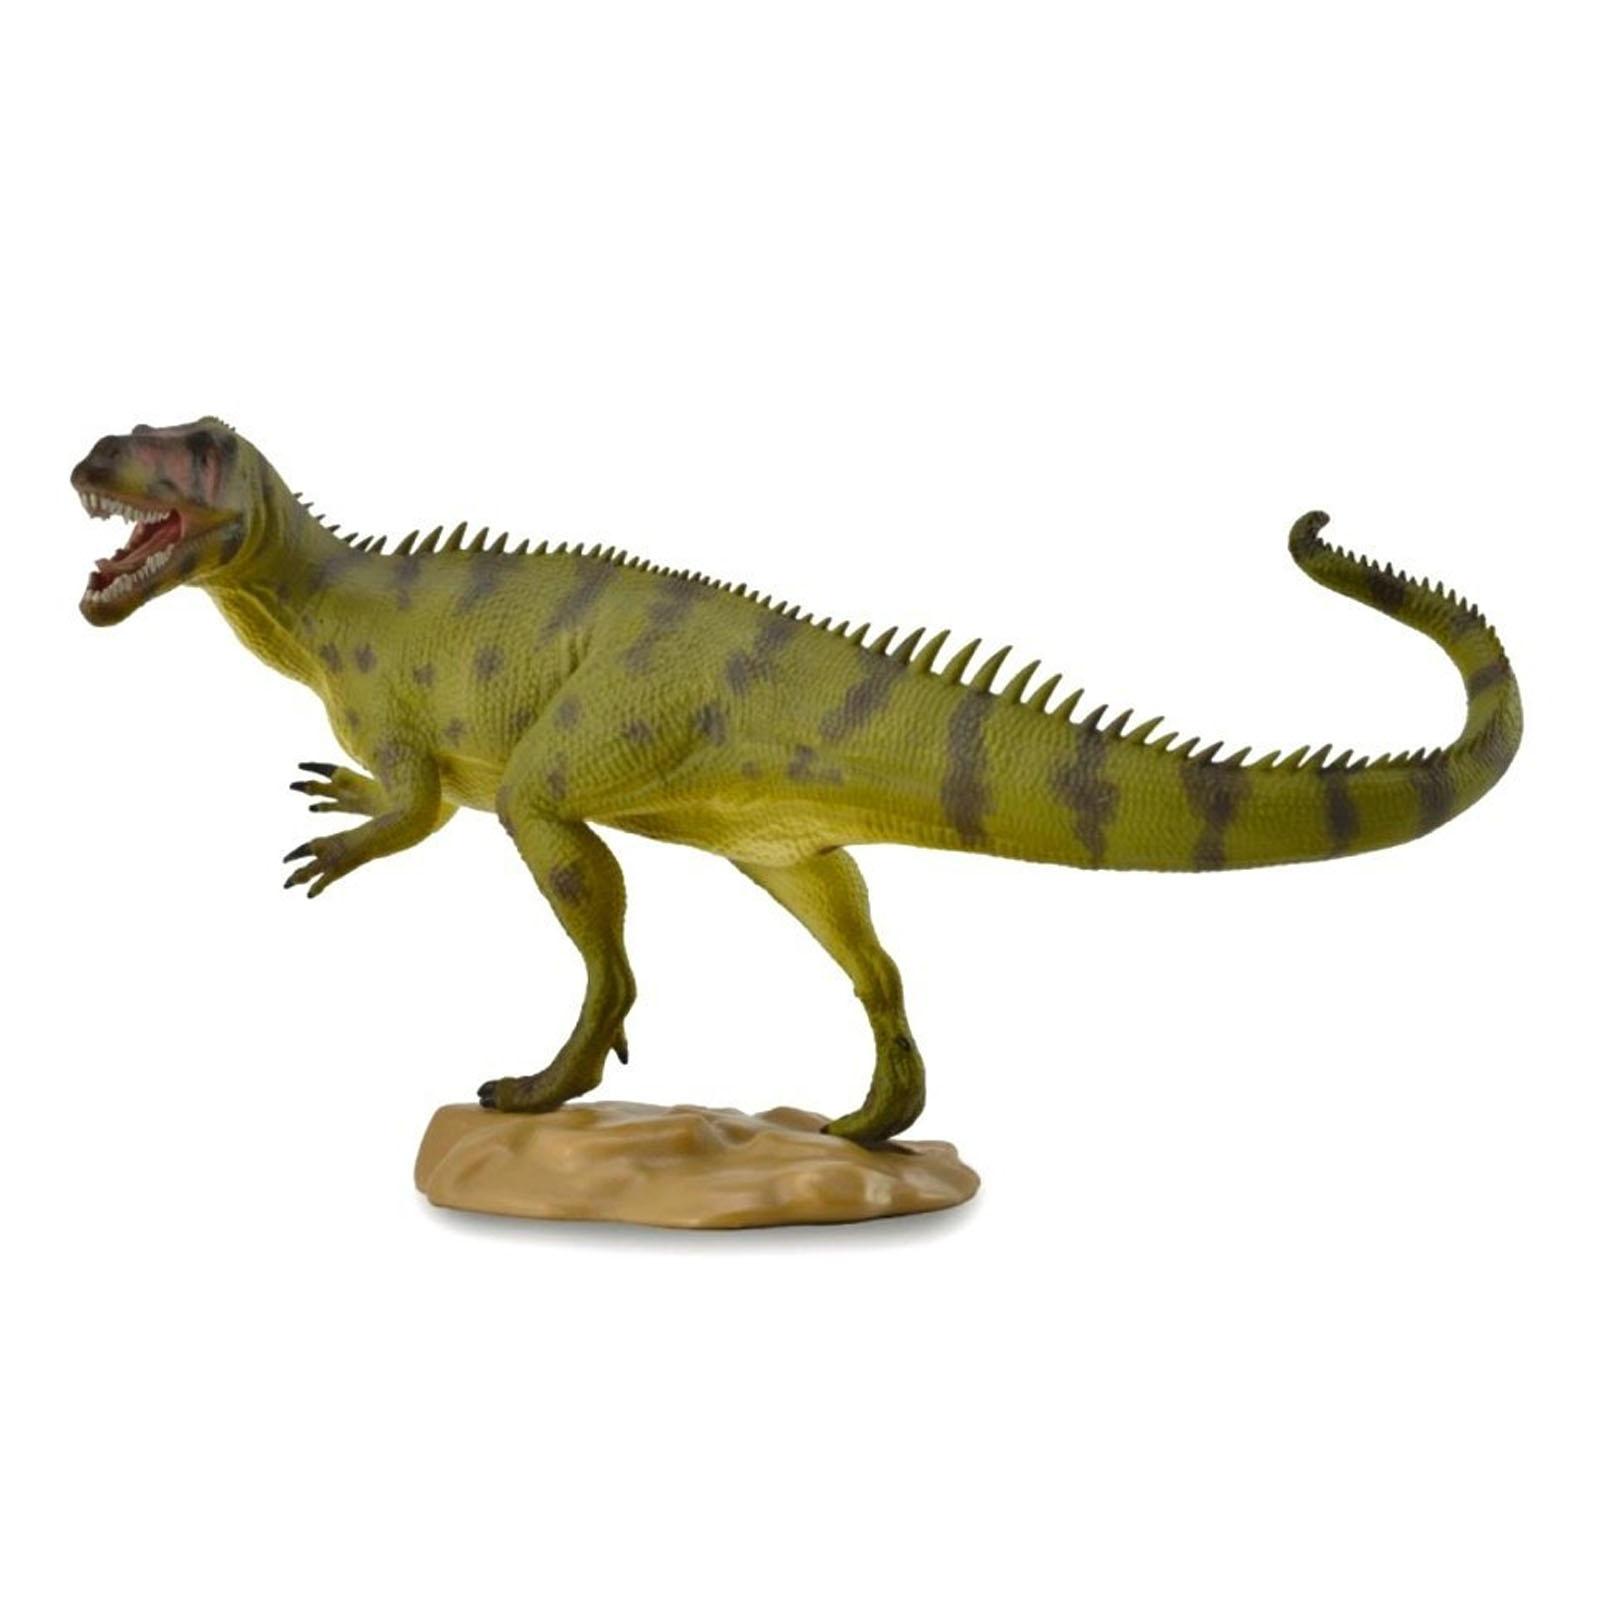 Купить Фигурка Gulliver Collecta - Тираннозавр с подвижной челюстью, Collecta Gulliver